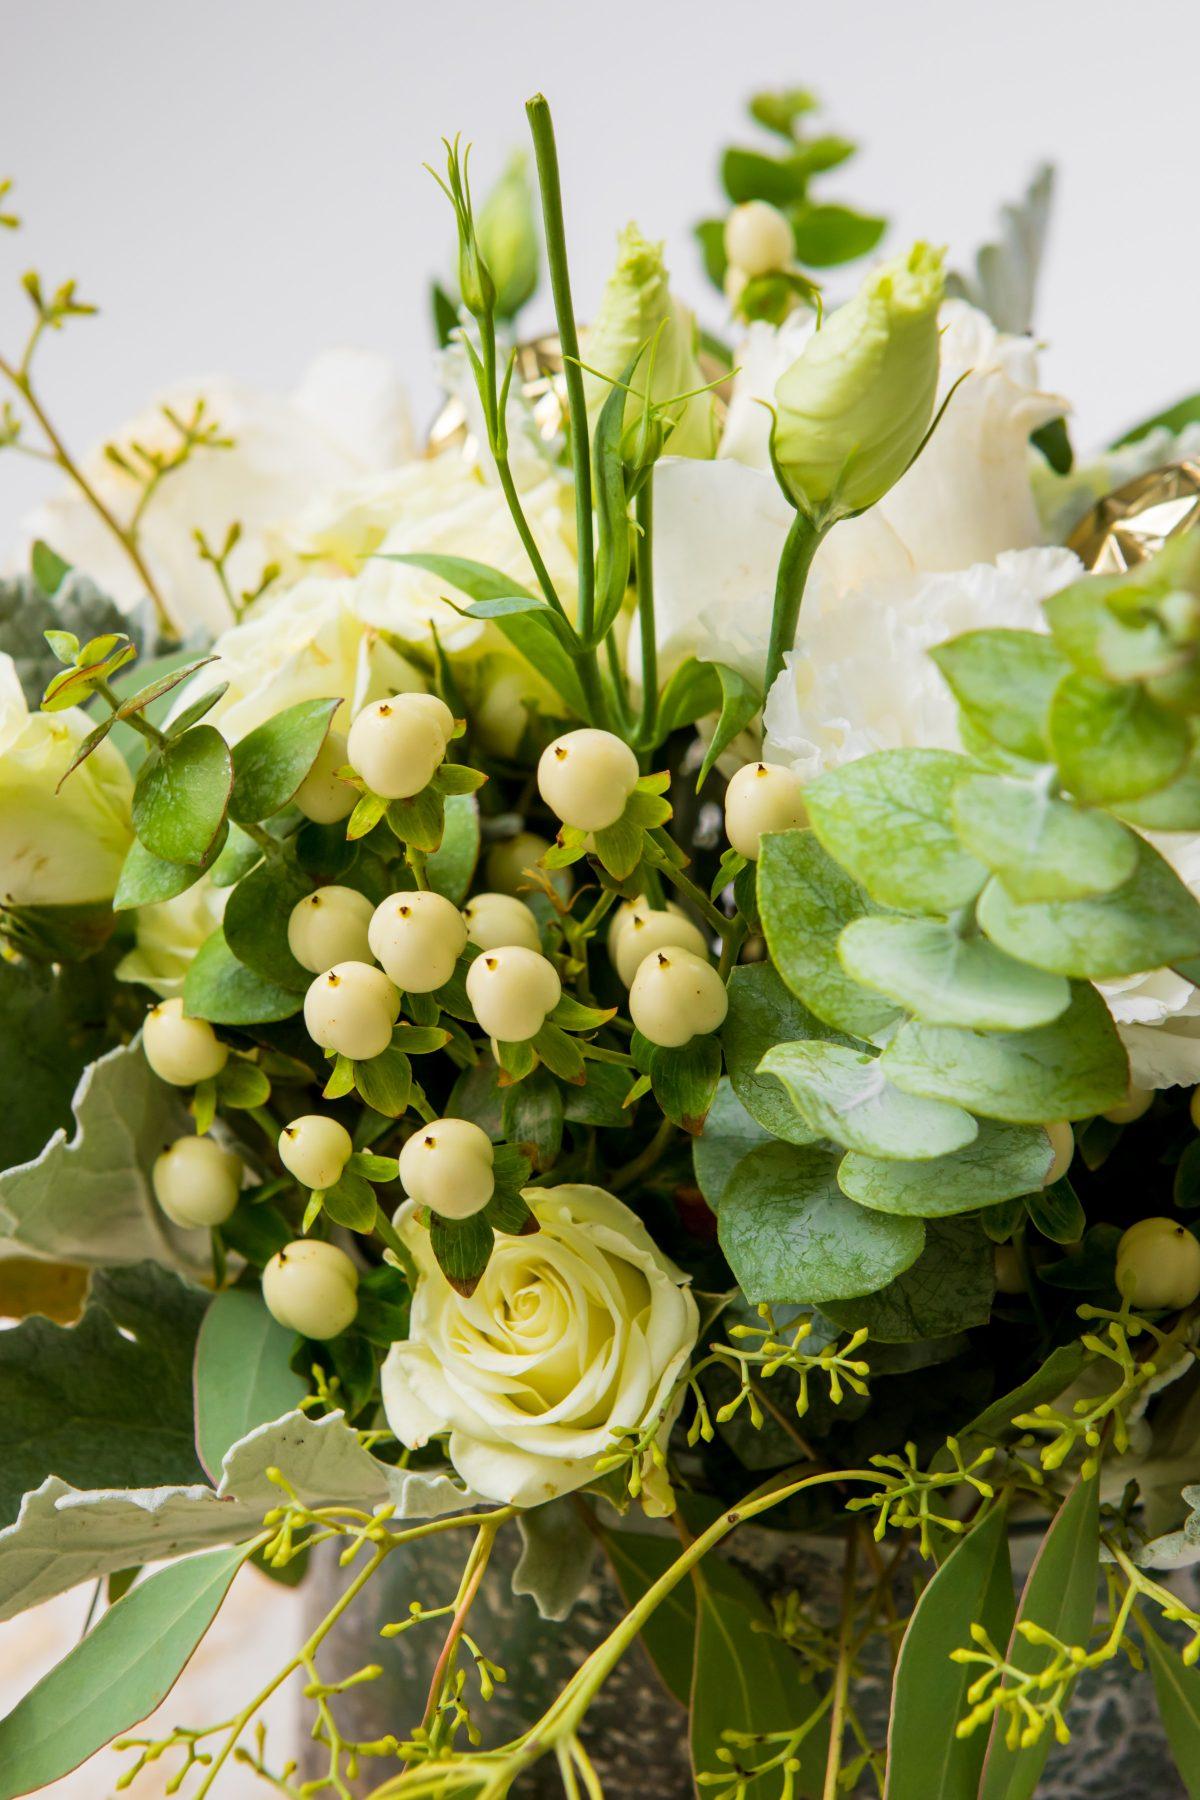 5D4B3786 - Tablescapes - Christmas-floral-arrangement